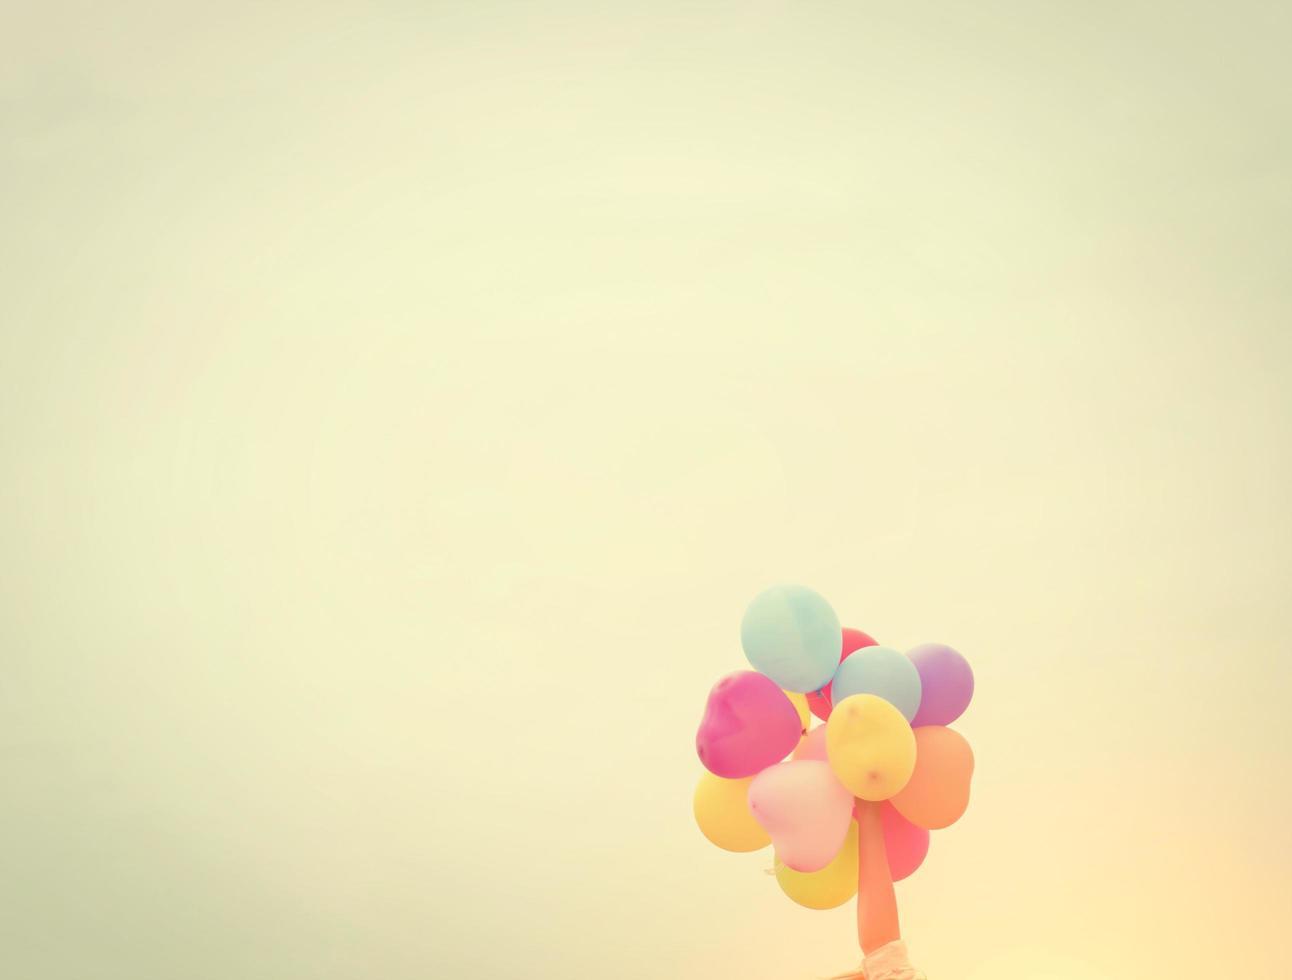 Hände halten bunte Luftballons im Sonnenschein des Sommers foto